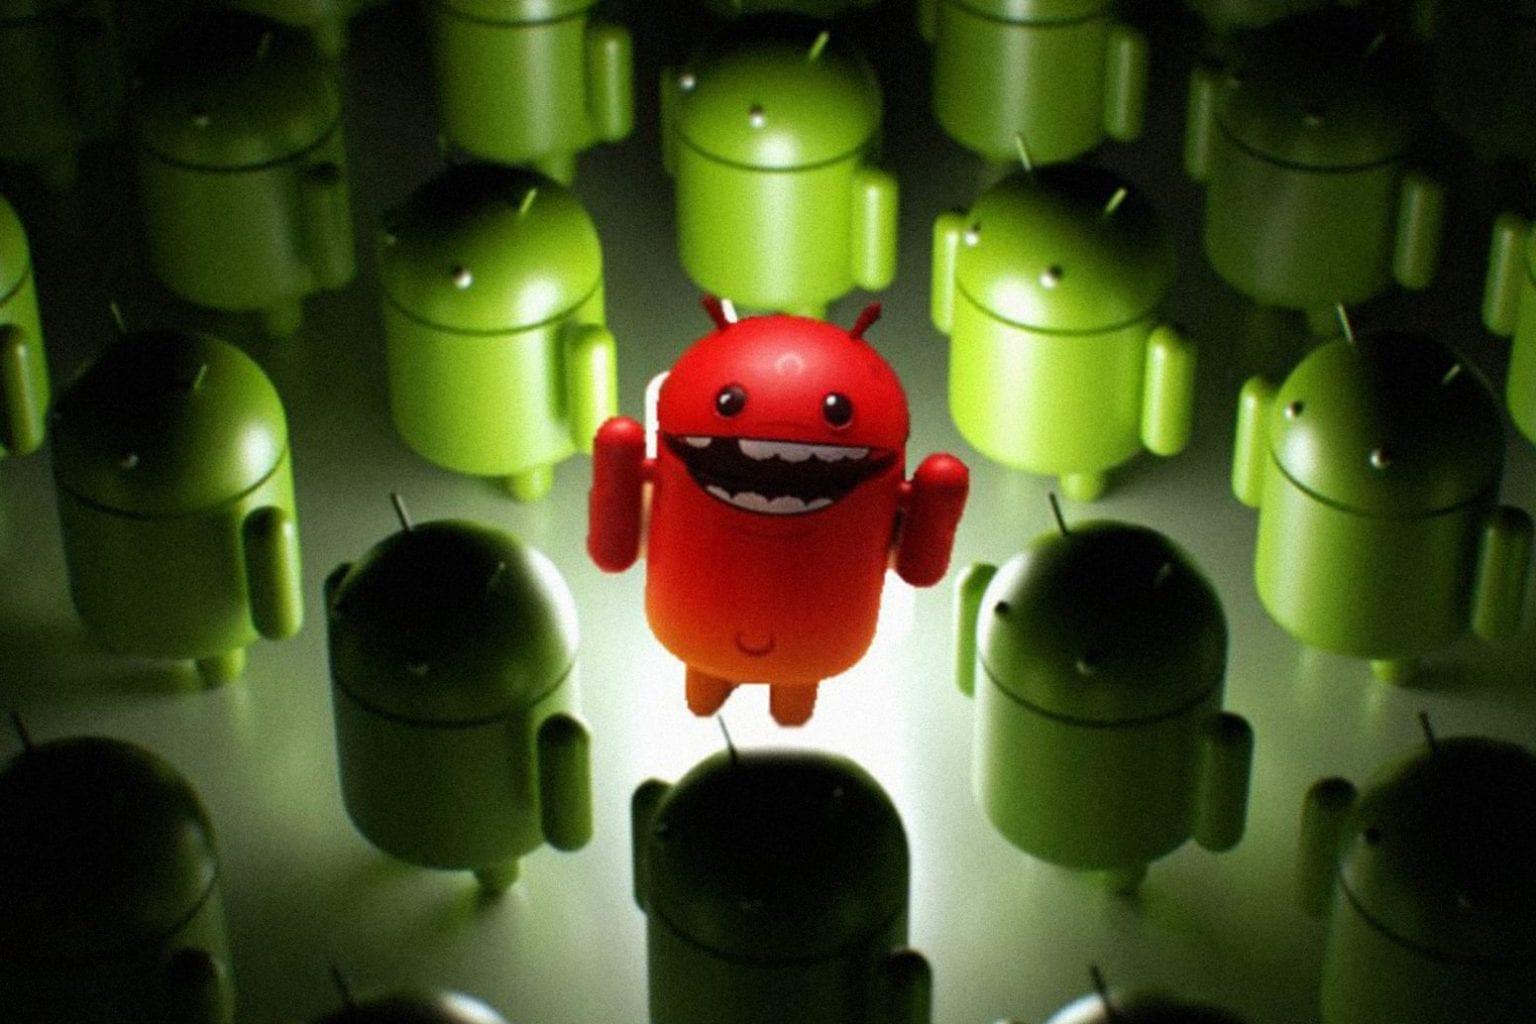 Novo Malware se espalha como 'gripe' no android